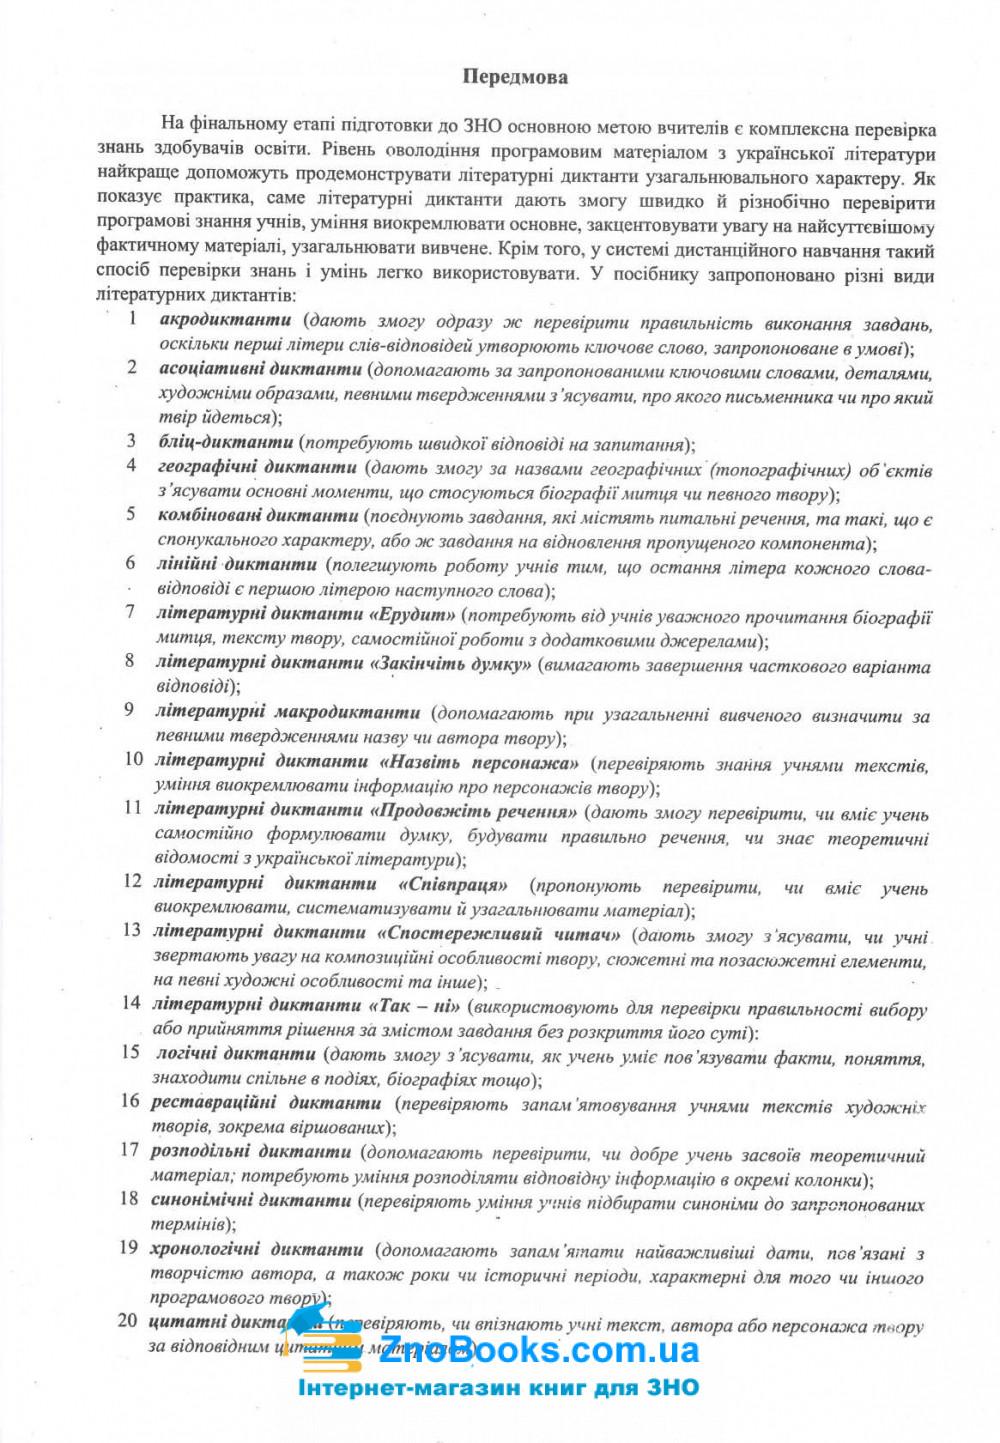 Літературні диктанти як спосіб грунтовної підготовки до ЗНО з української літератури : Шпільчак М. купити 3